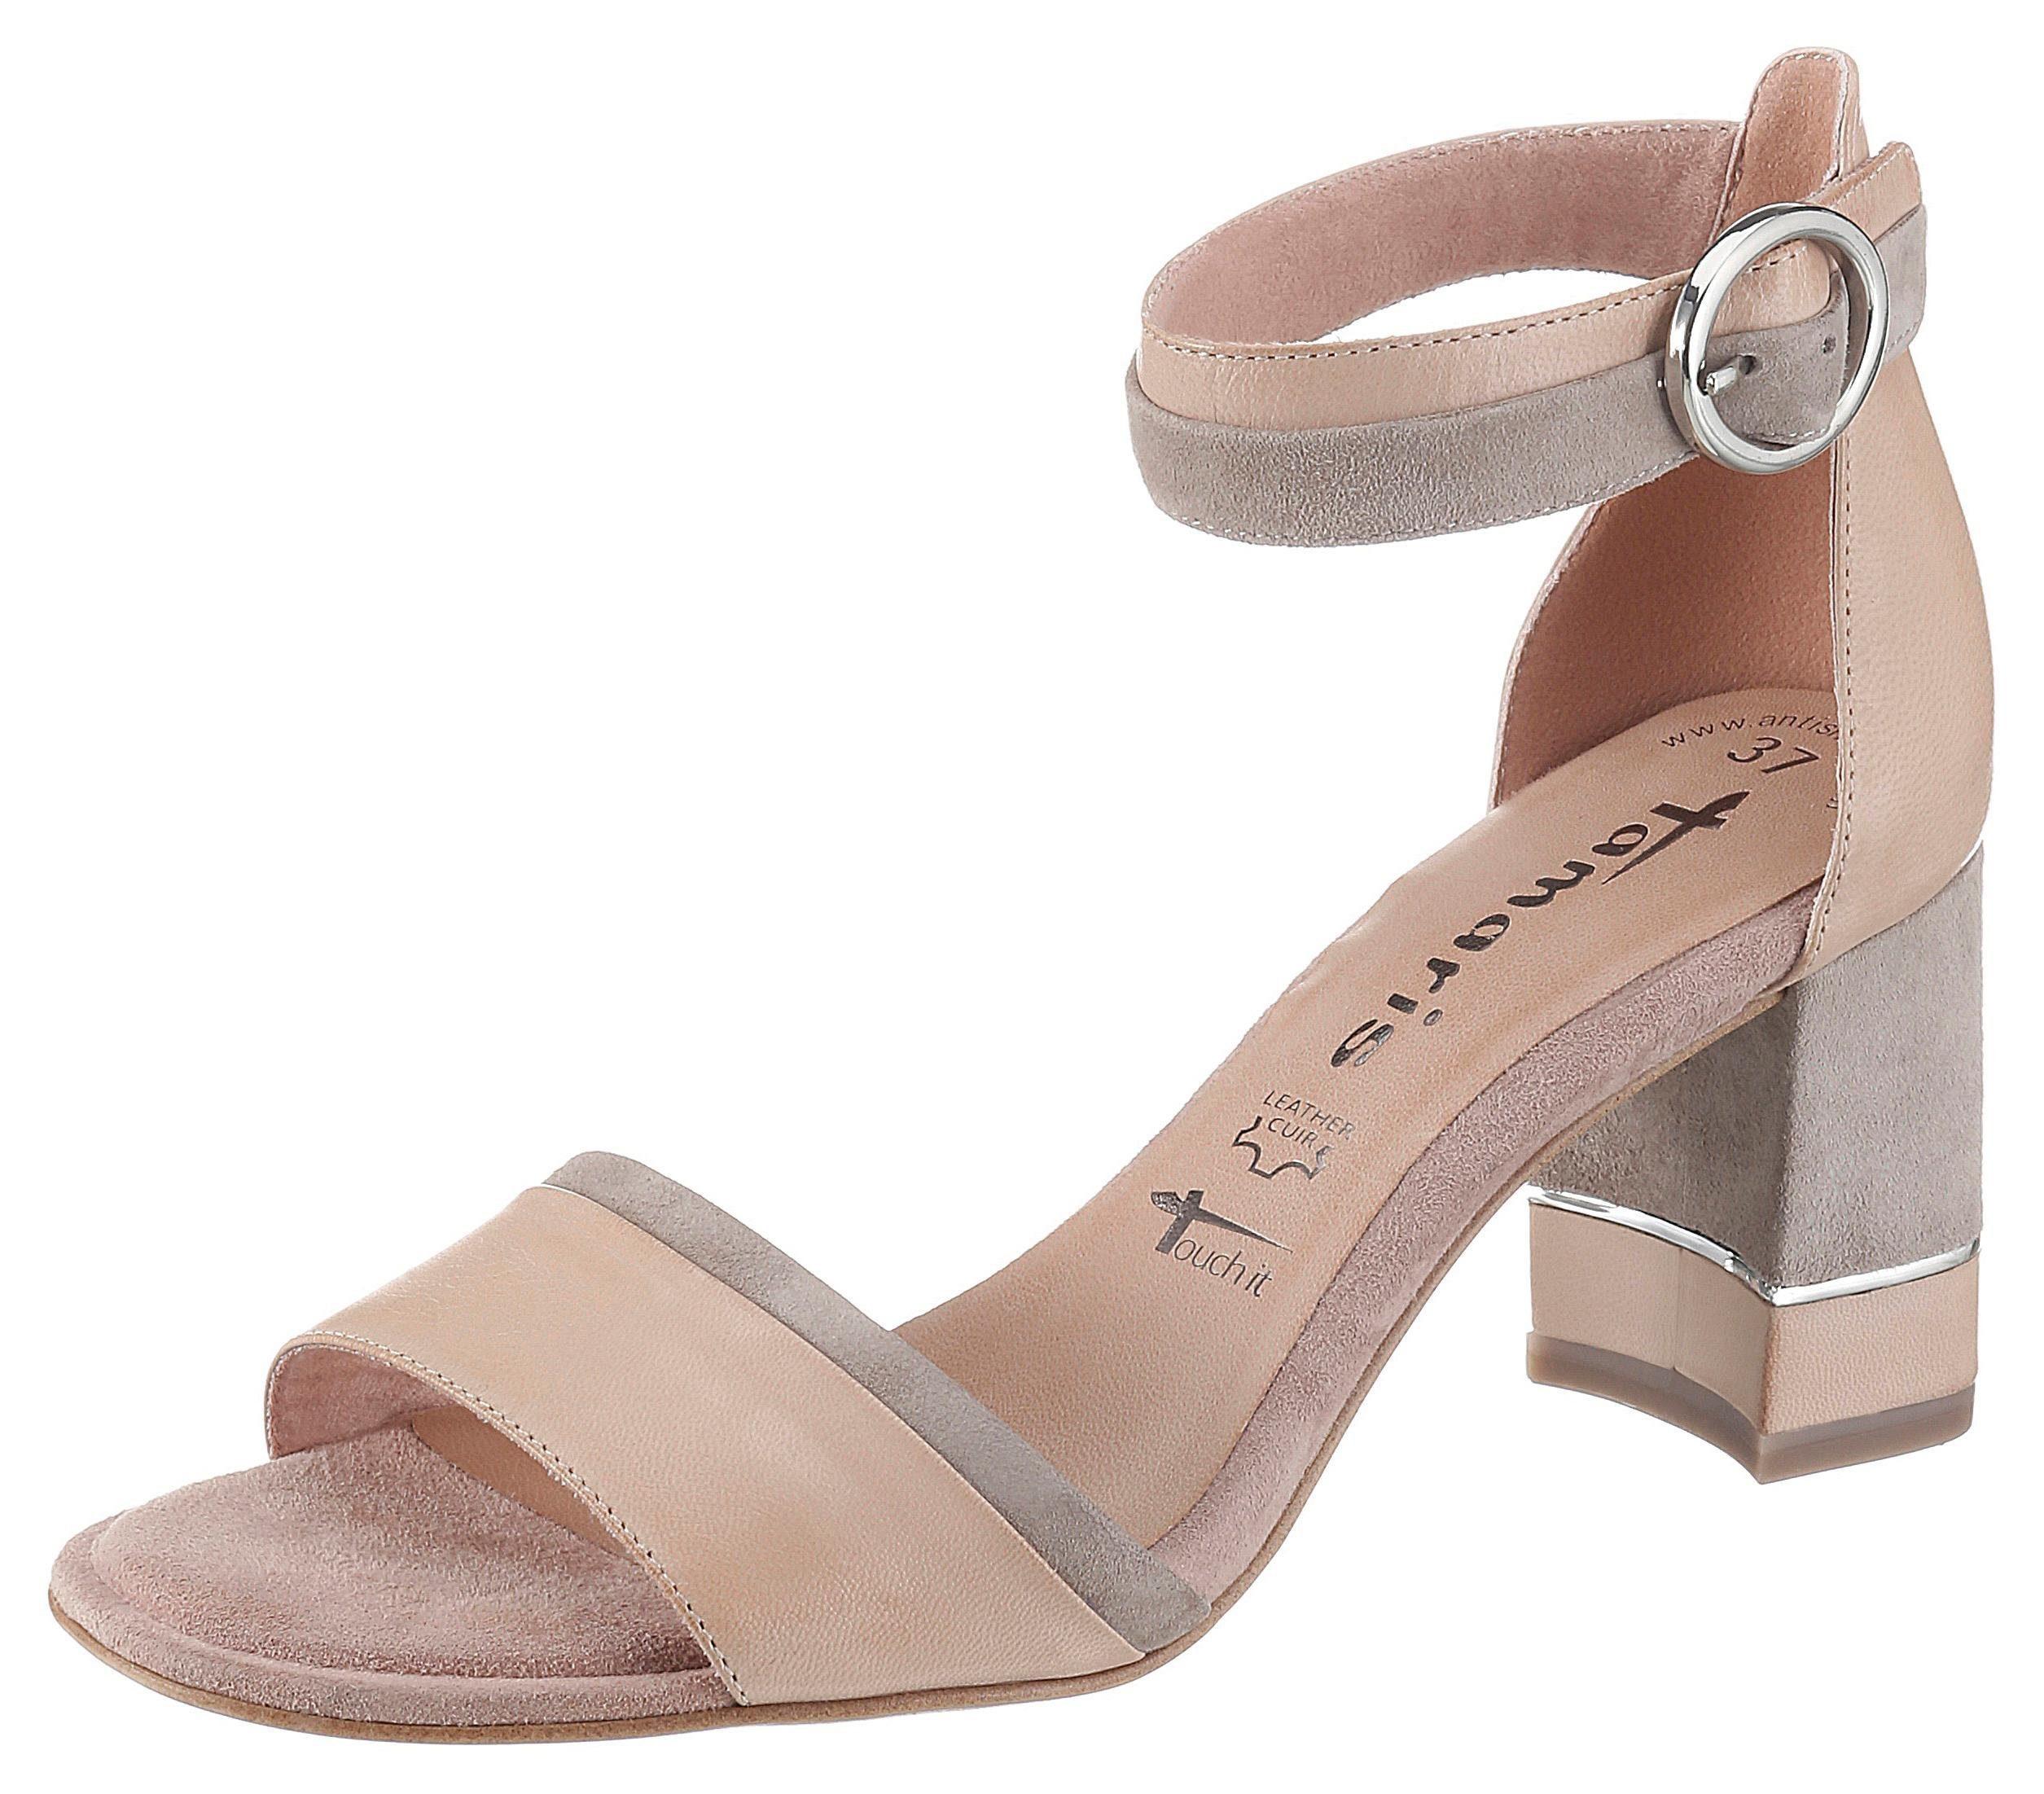 Tamaris »Dalina« Sandalette mit Metall Applikation am Absatz online kaufen | OTTO